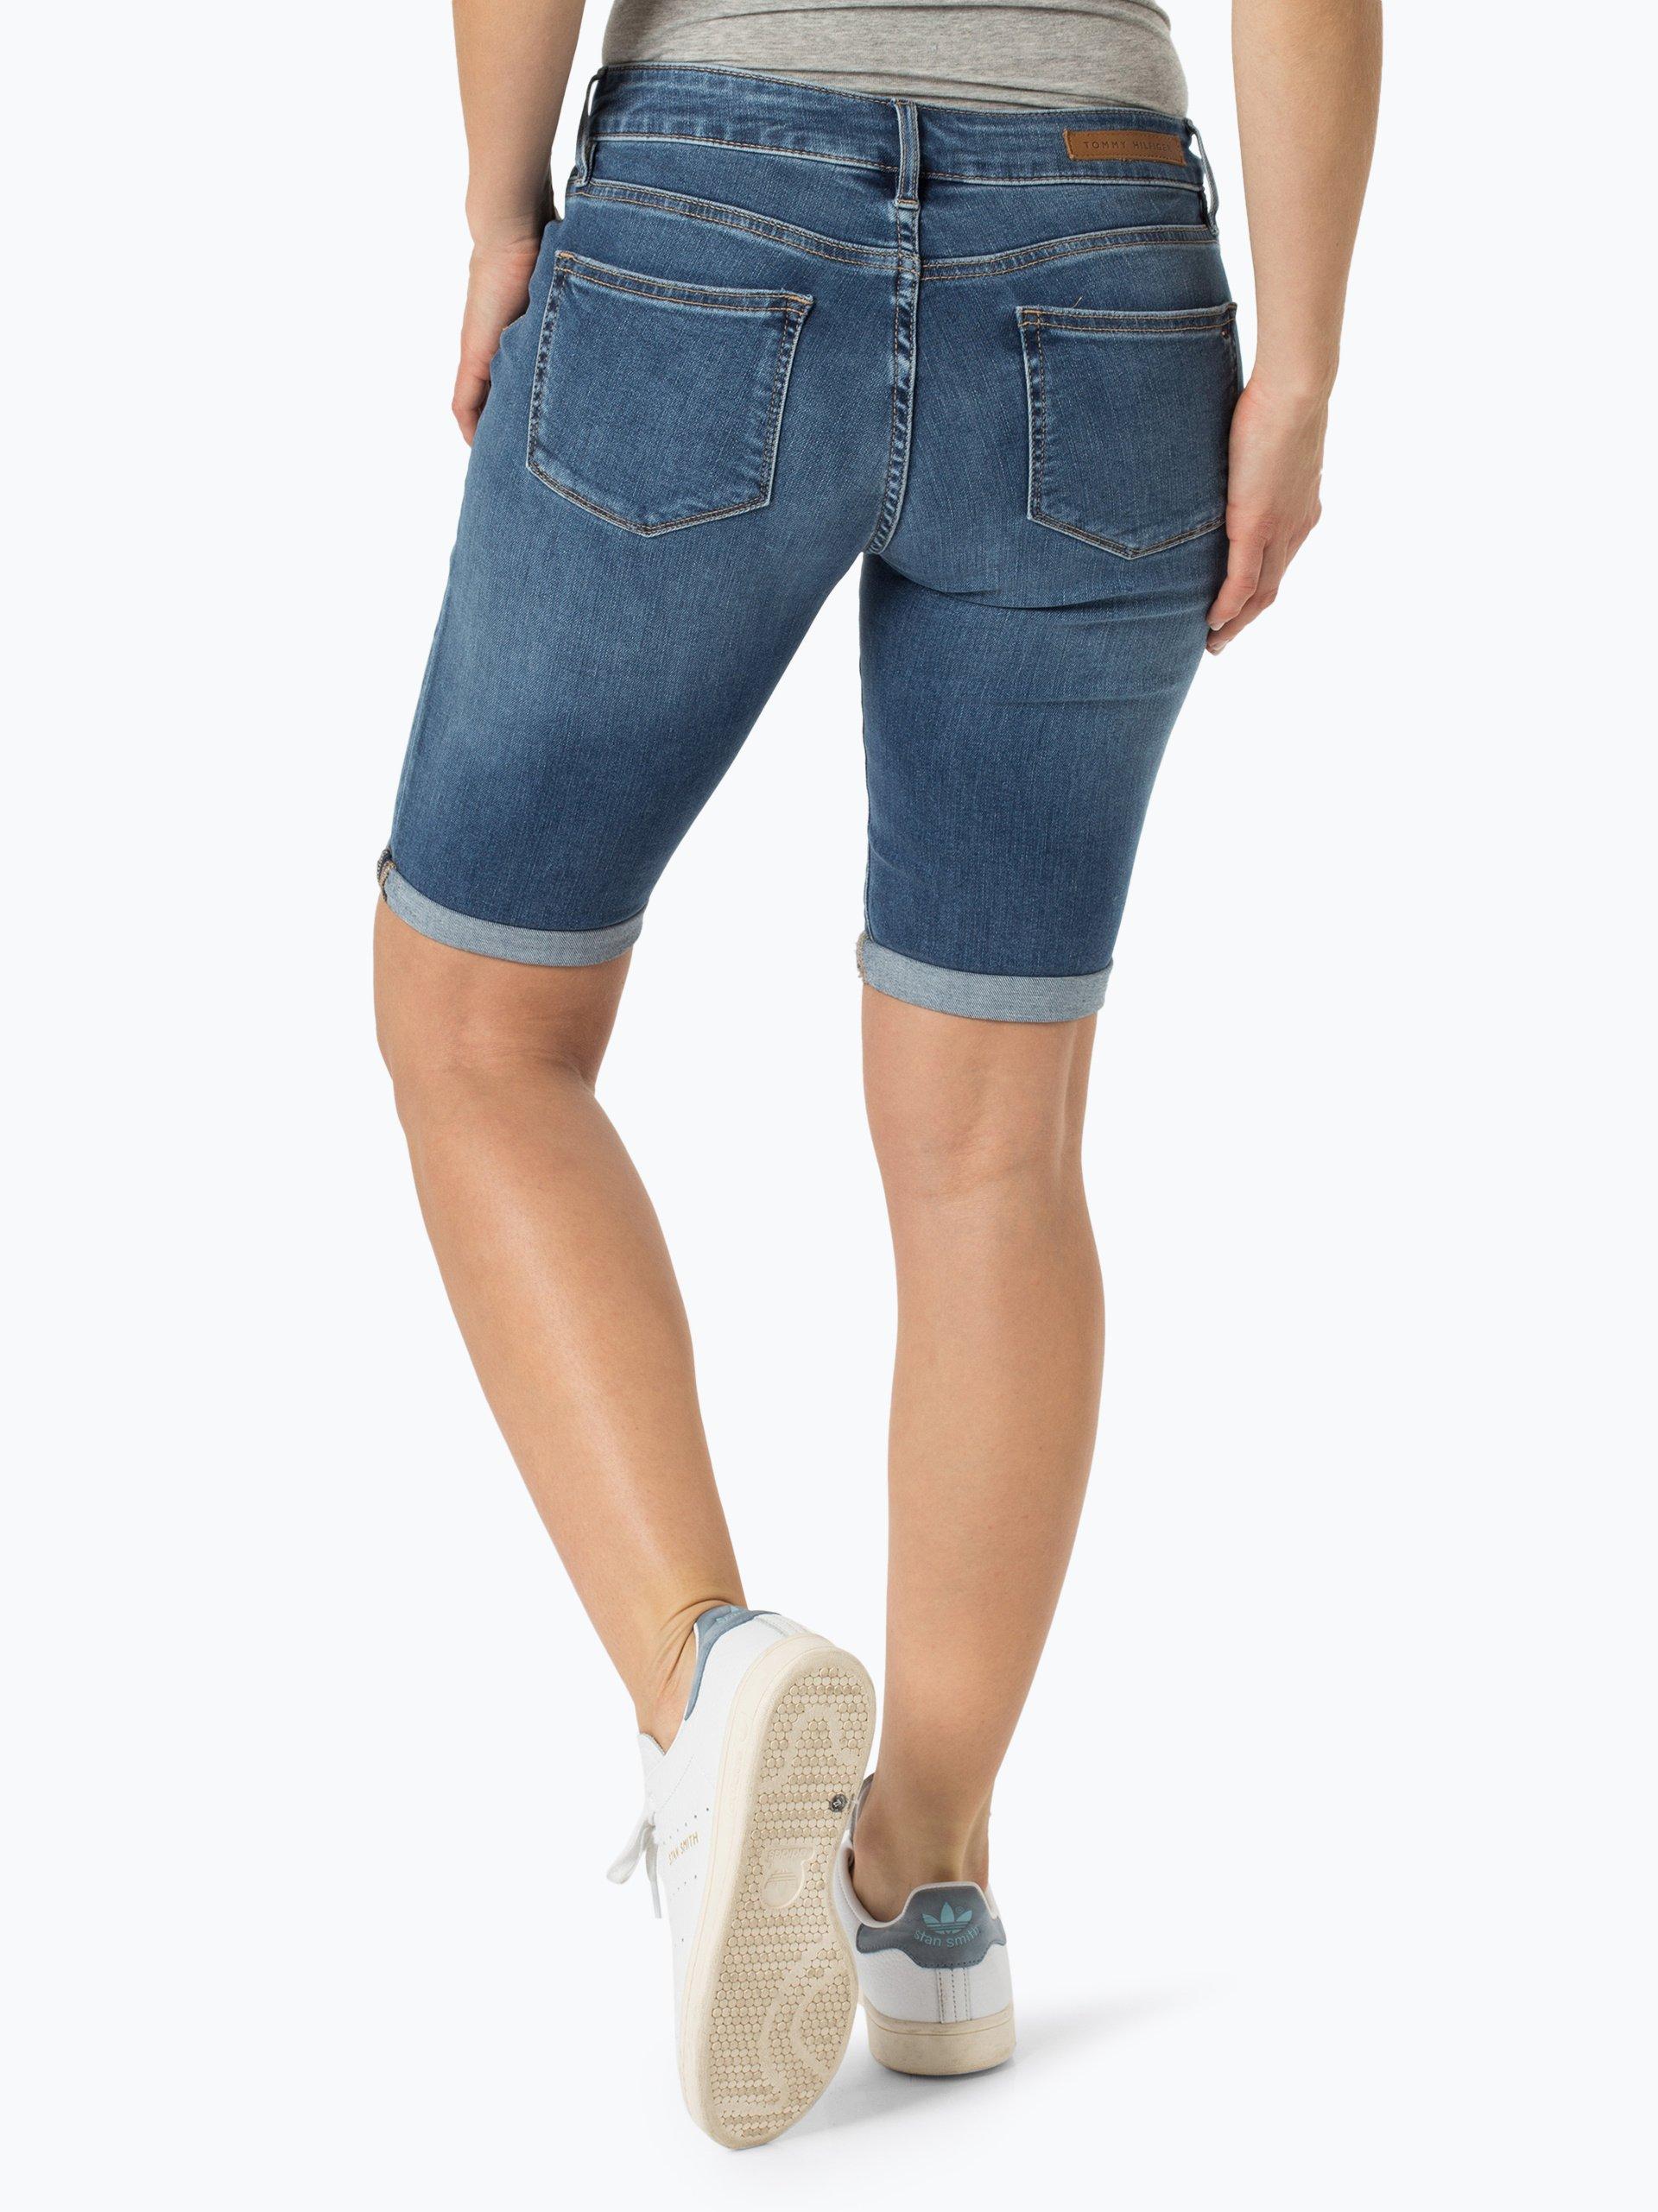 tommy hilfiger damen jeansshorts venice denim uni online. Black Bedroom Furniture Sets. Home Design Ideas